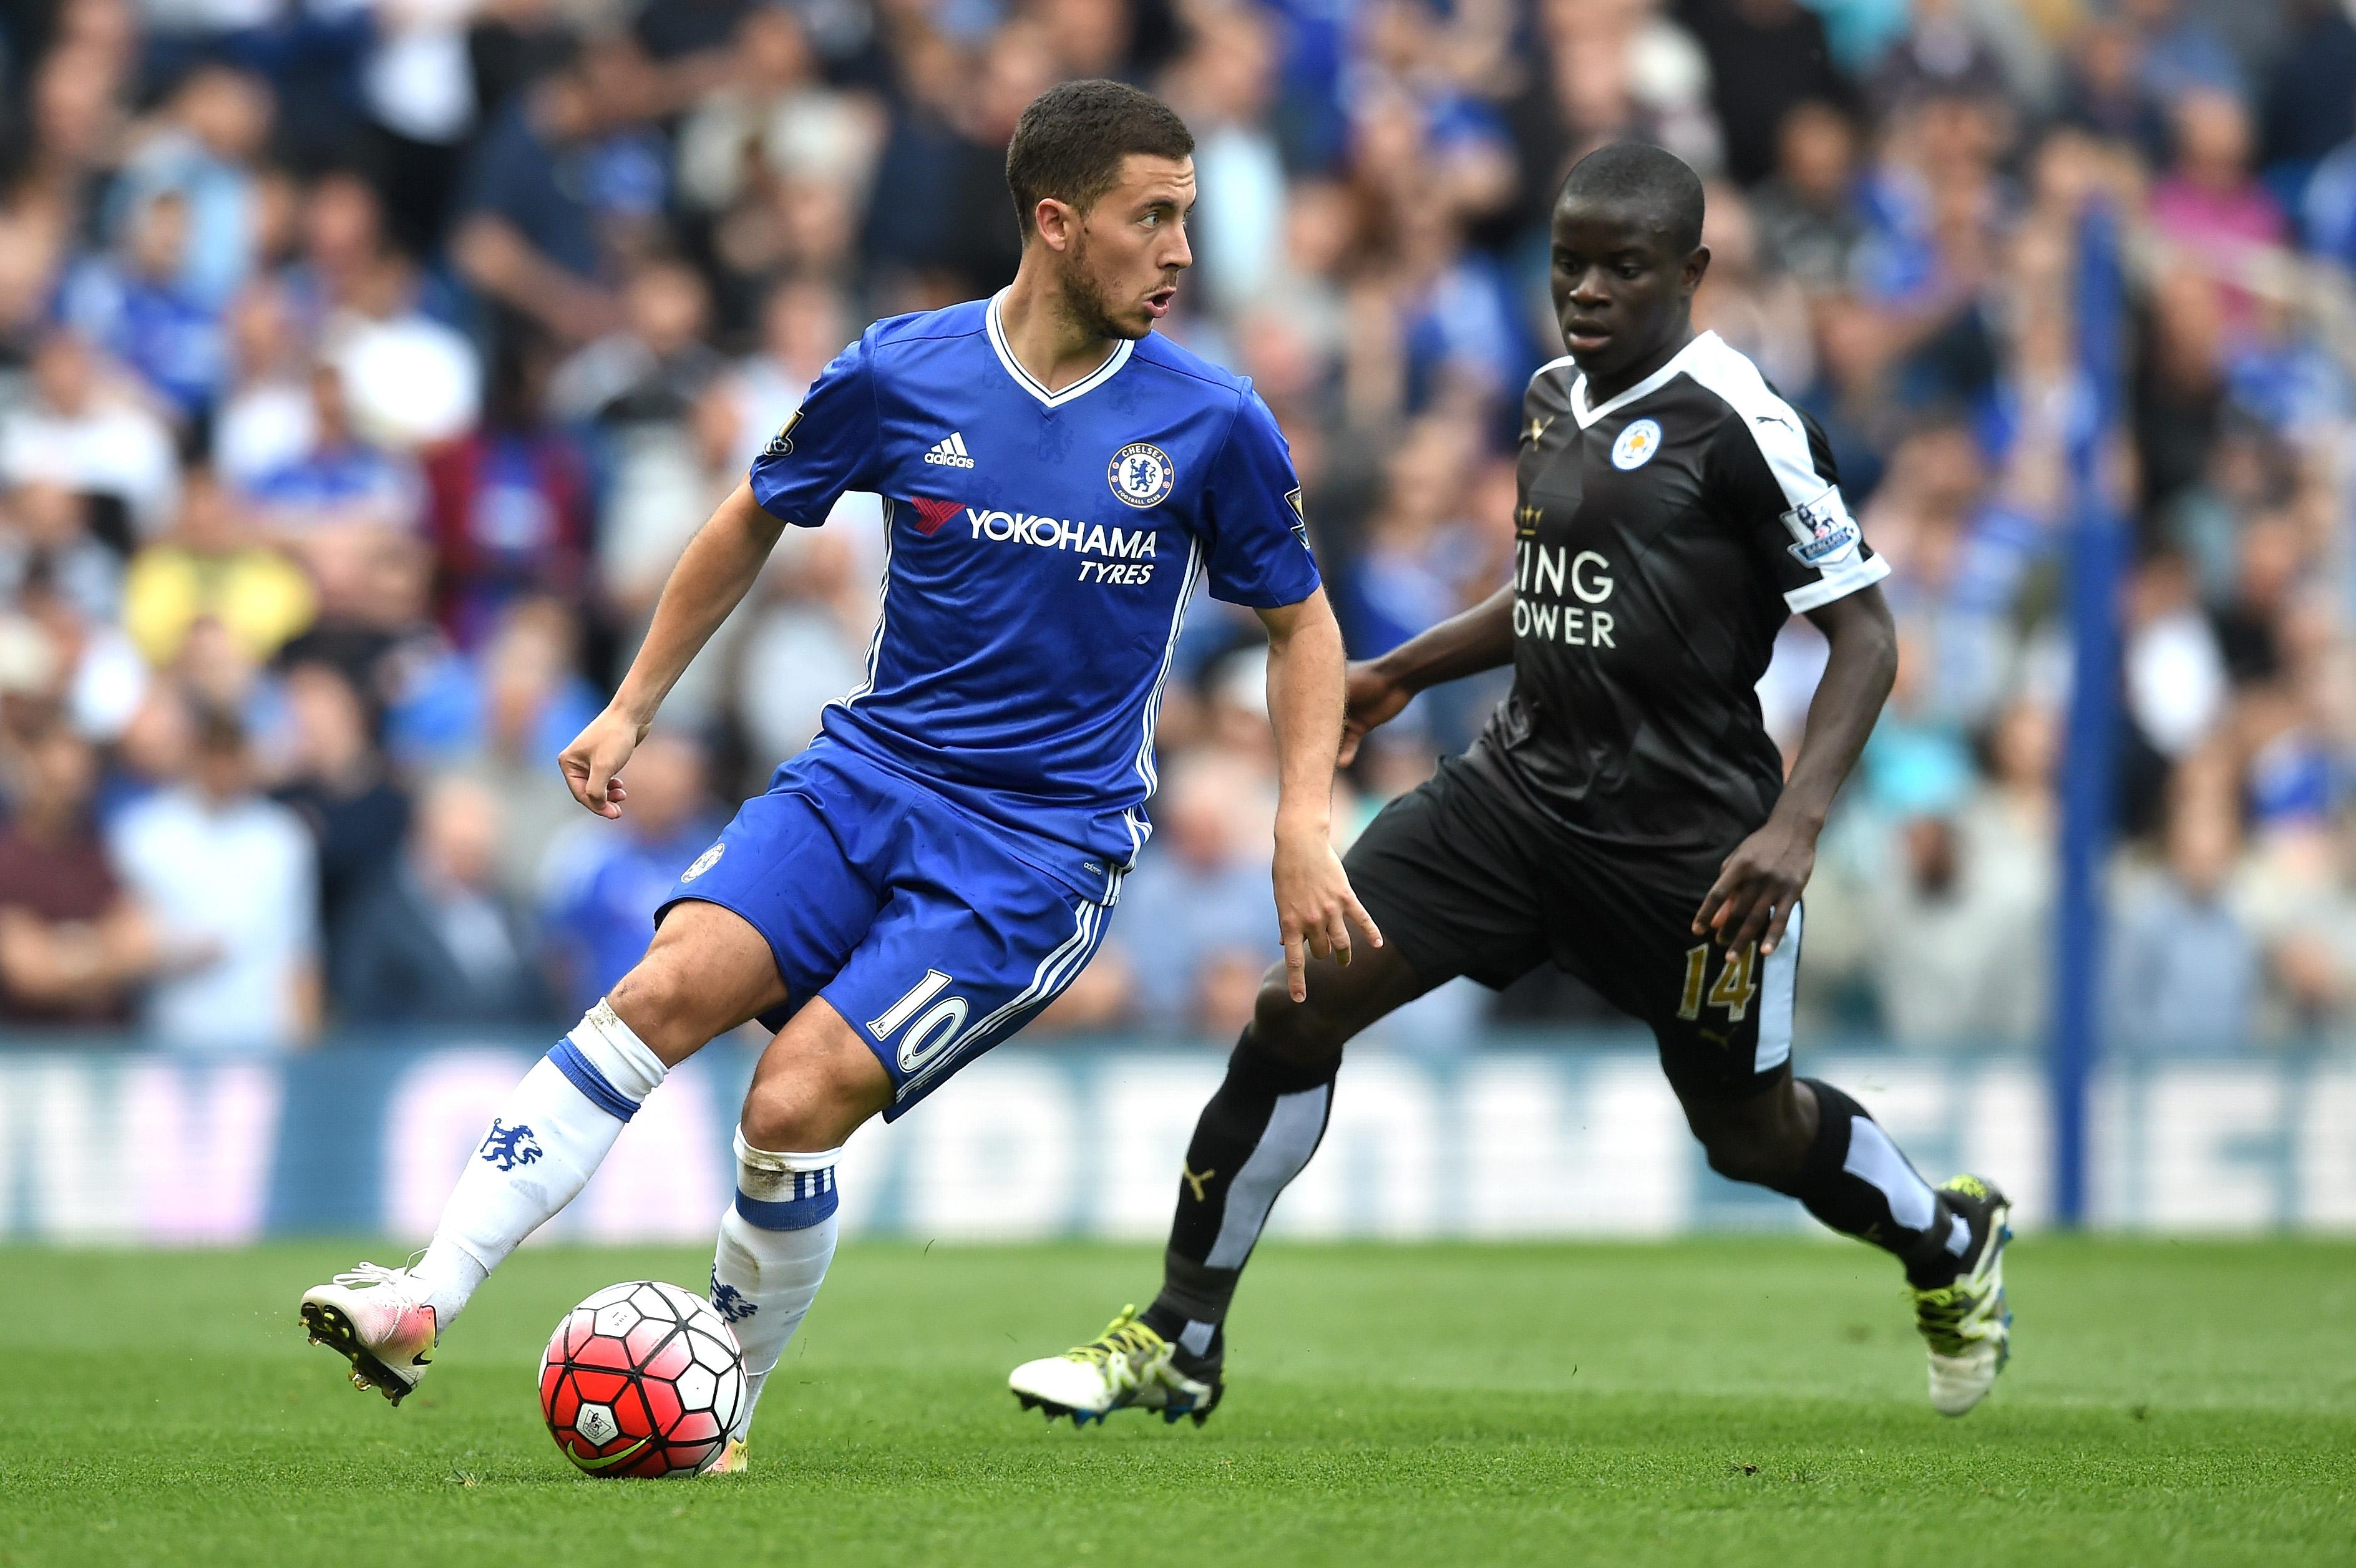 Prediksi Chelseavs Leicester City 13 Januari 2018